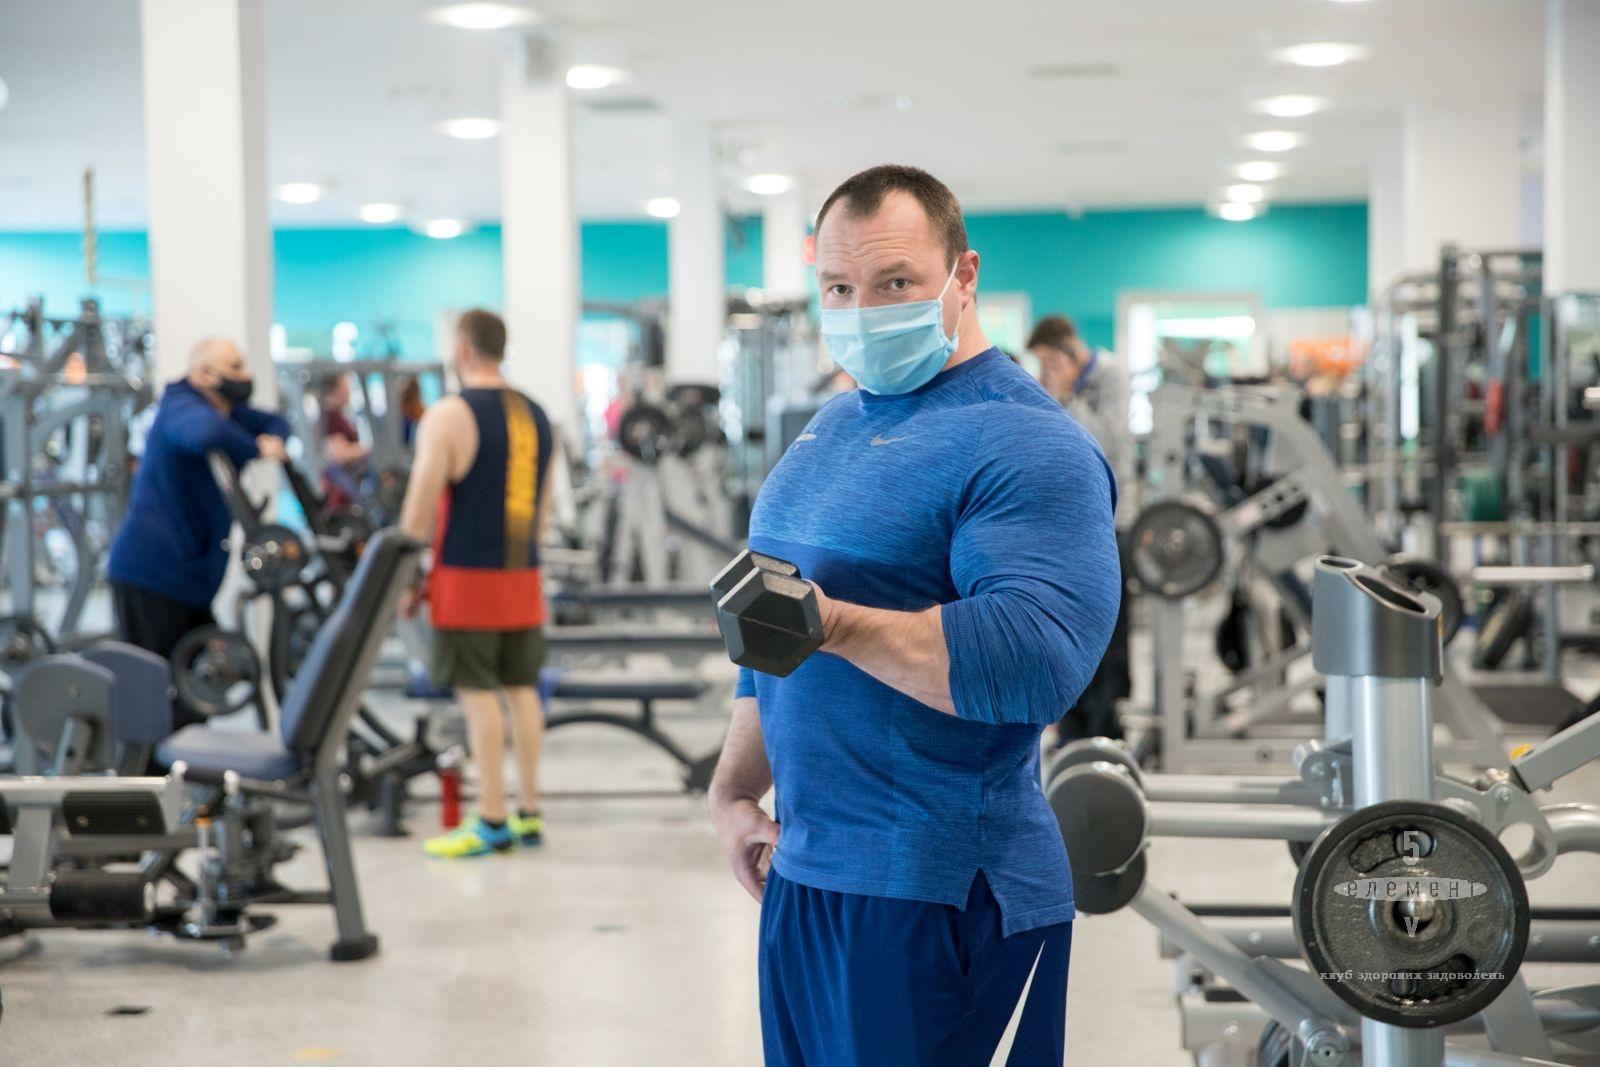 Клуб здоровых удовольствий «5 элемент»: тем, кто хочет повысить иммунитет и улучшить физическую форму  — фитнес-клуб 5 элемент